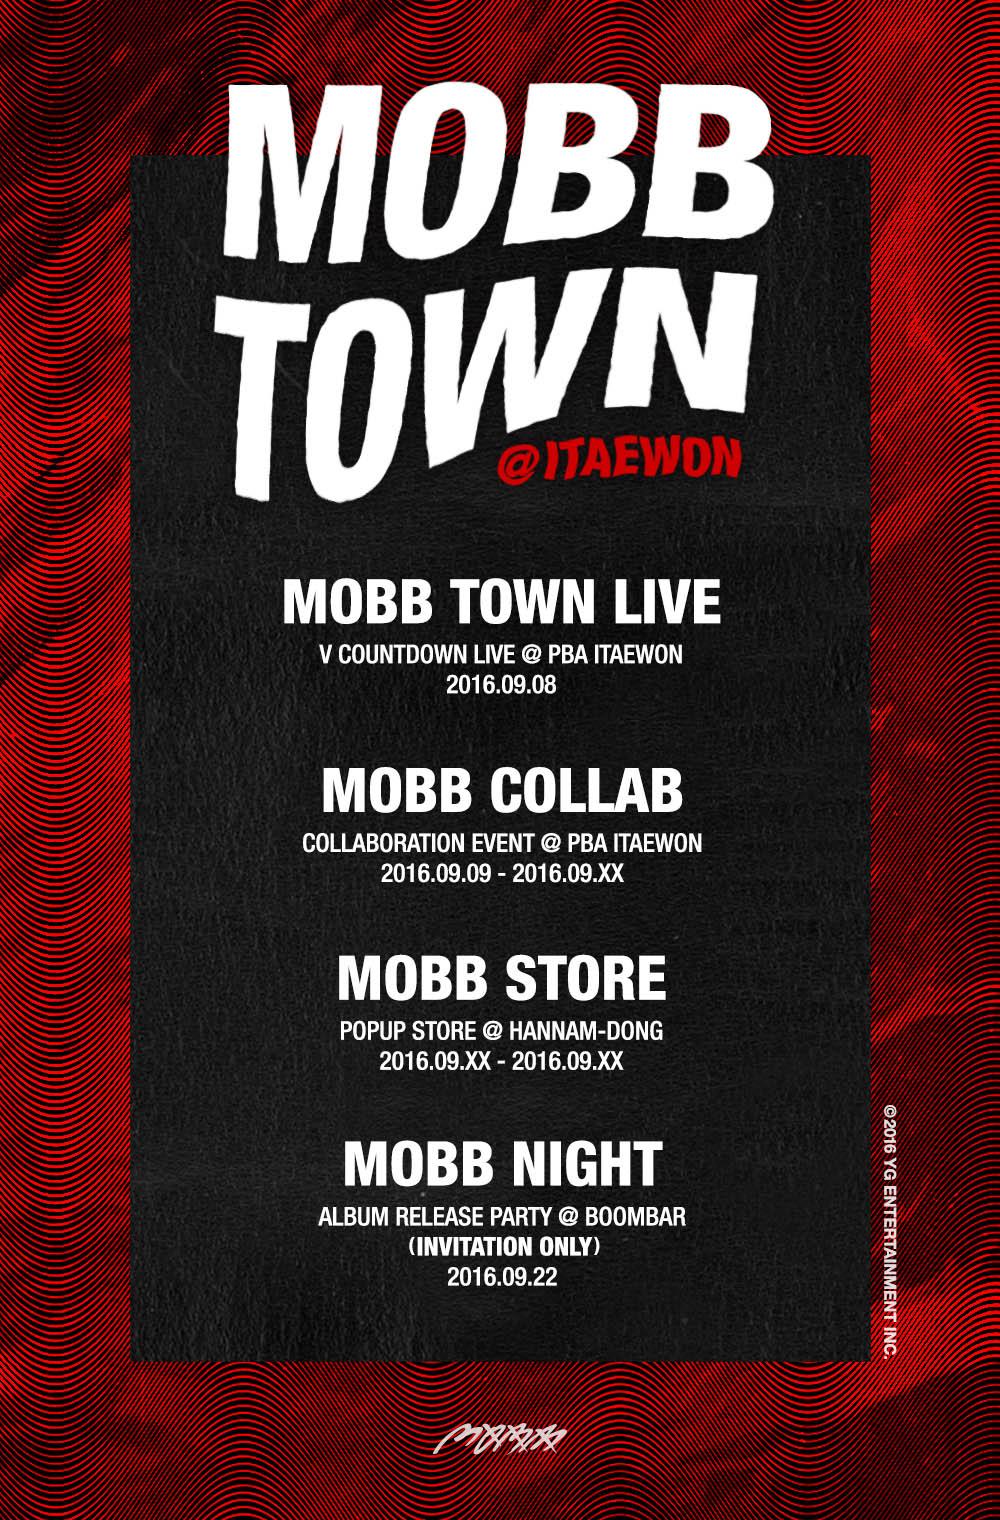 MOBB TOWN_ITAEWON